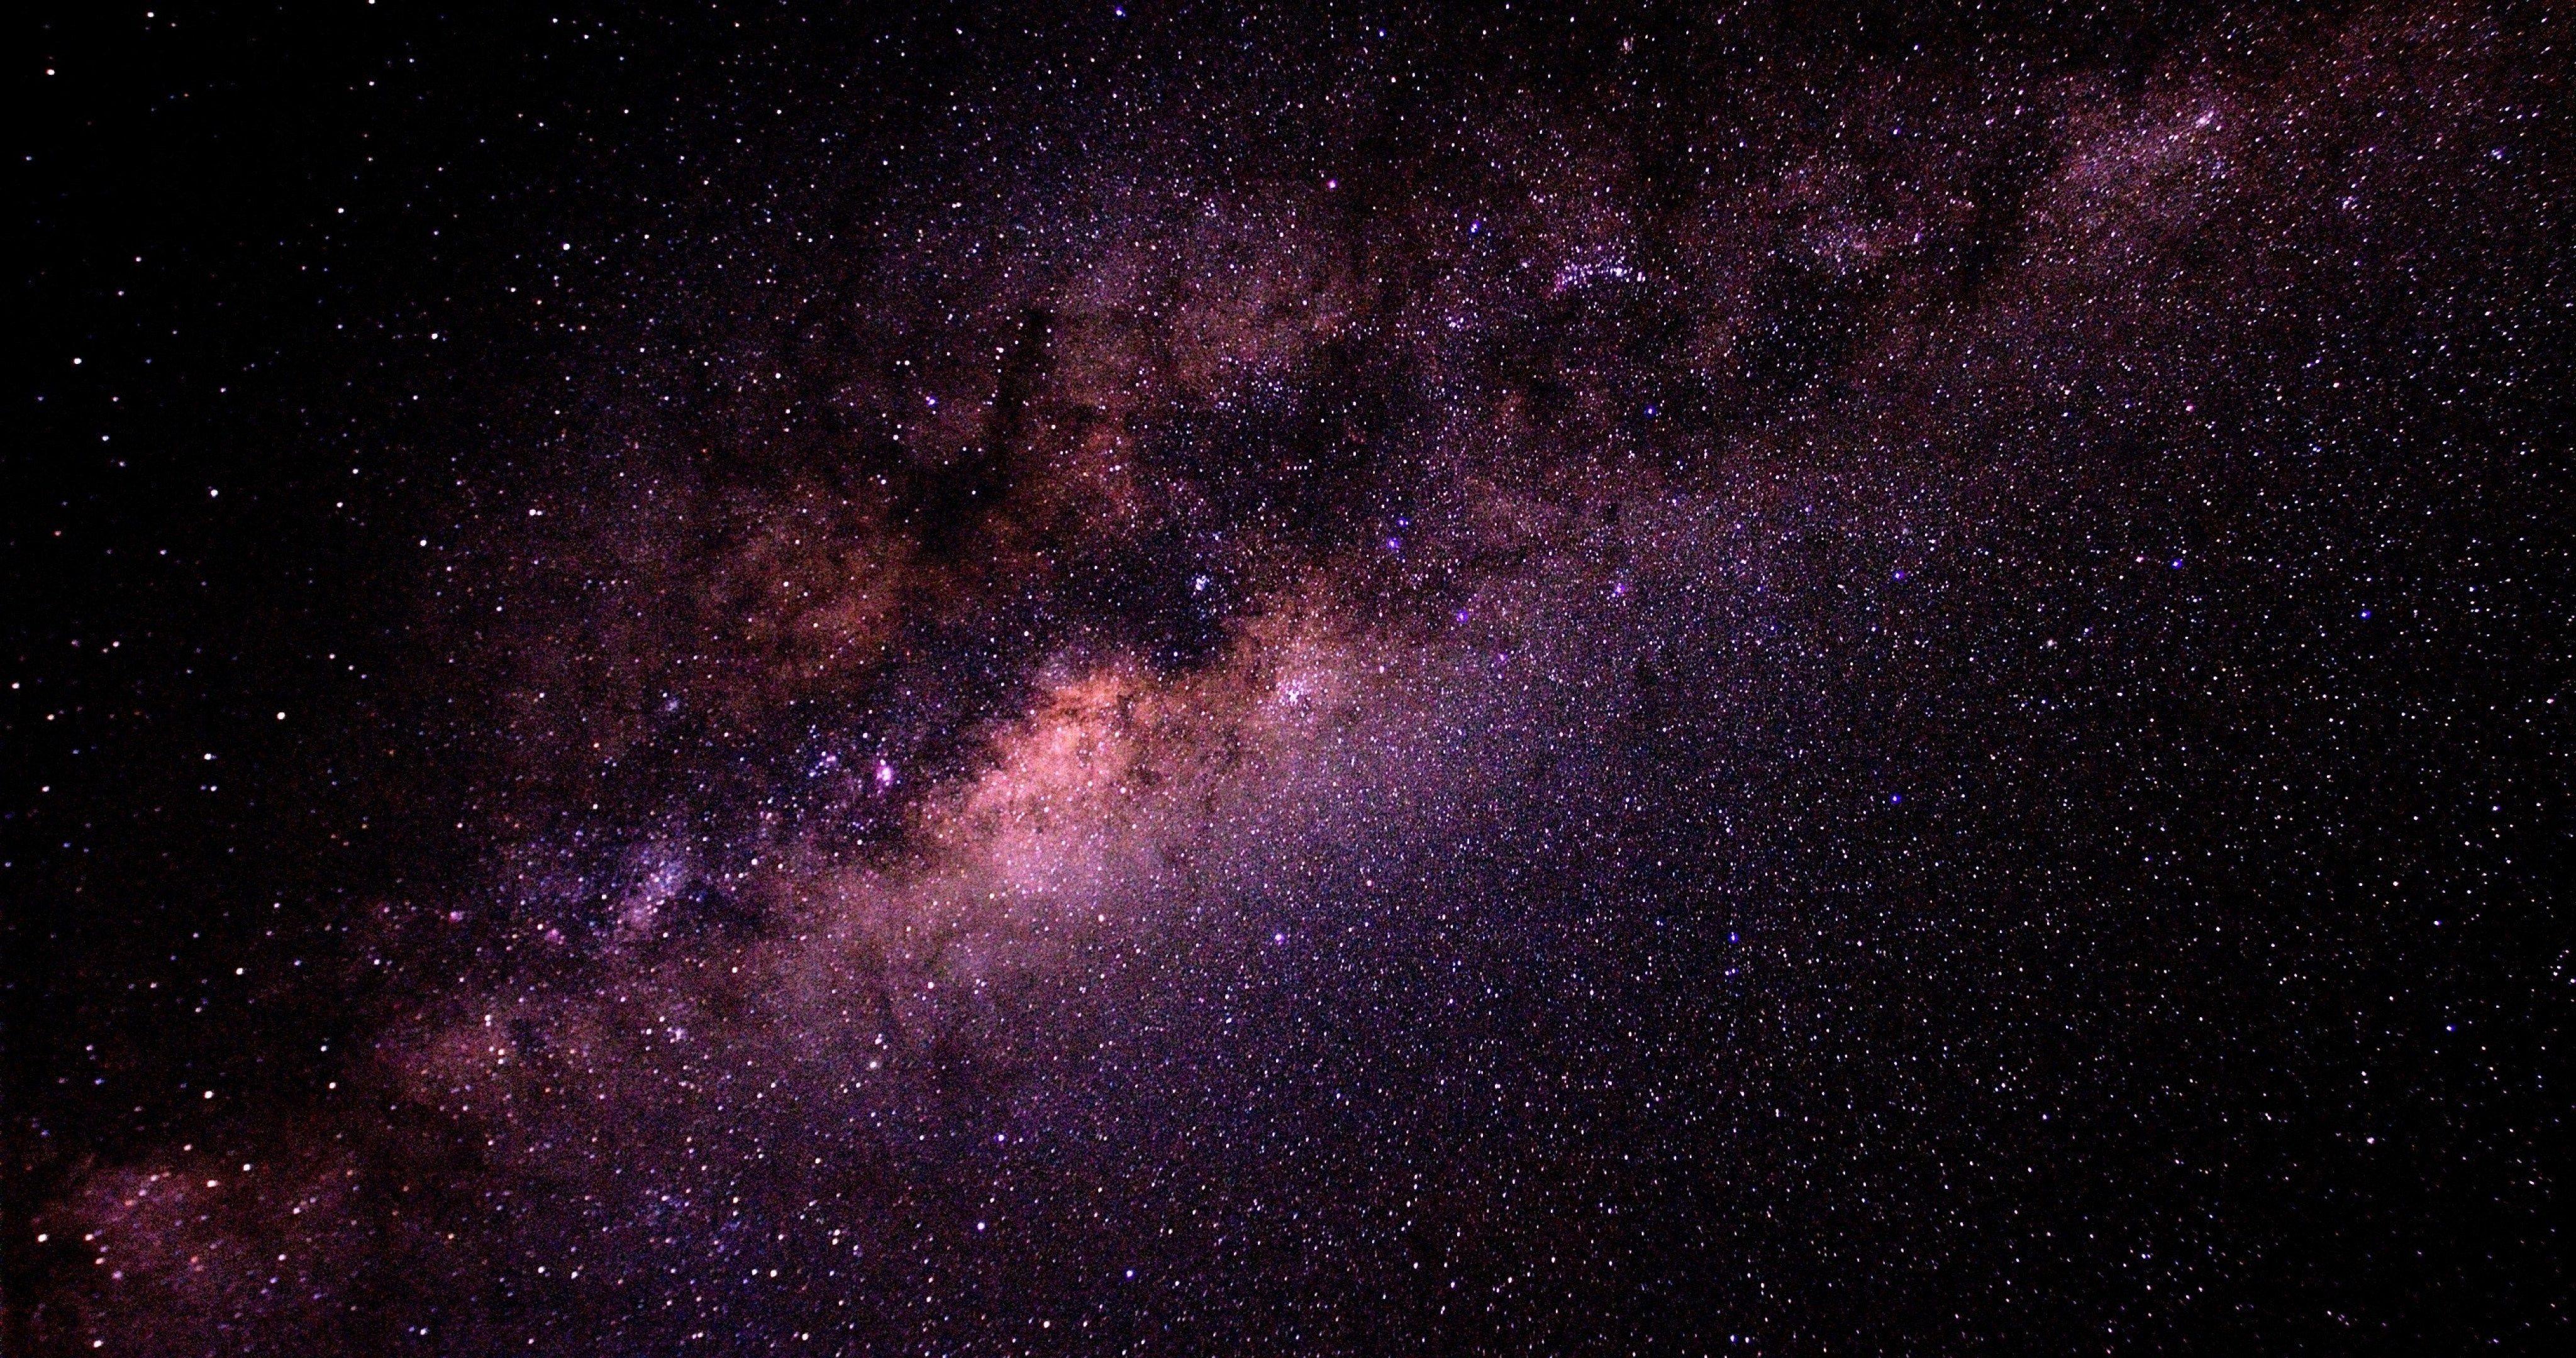 4k Ultra Hd Galaxy Wallpapers Top Free 4k Ultra Hd Galaxy